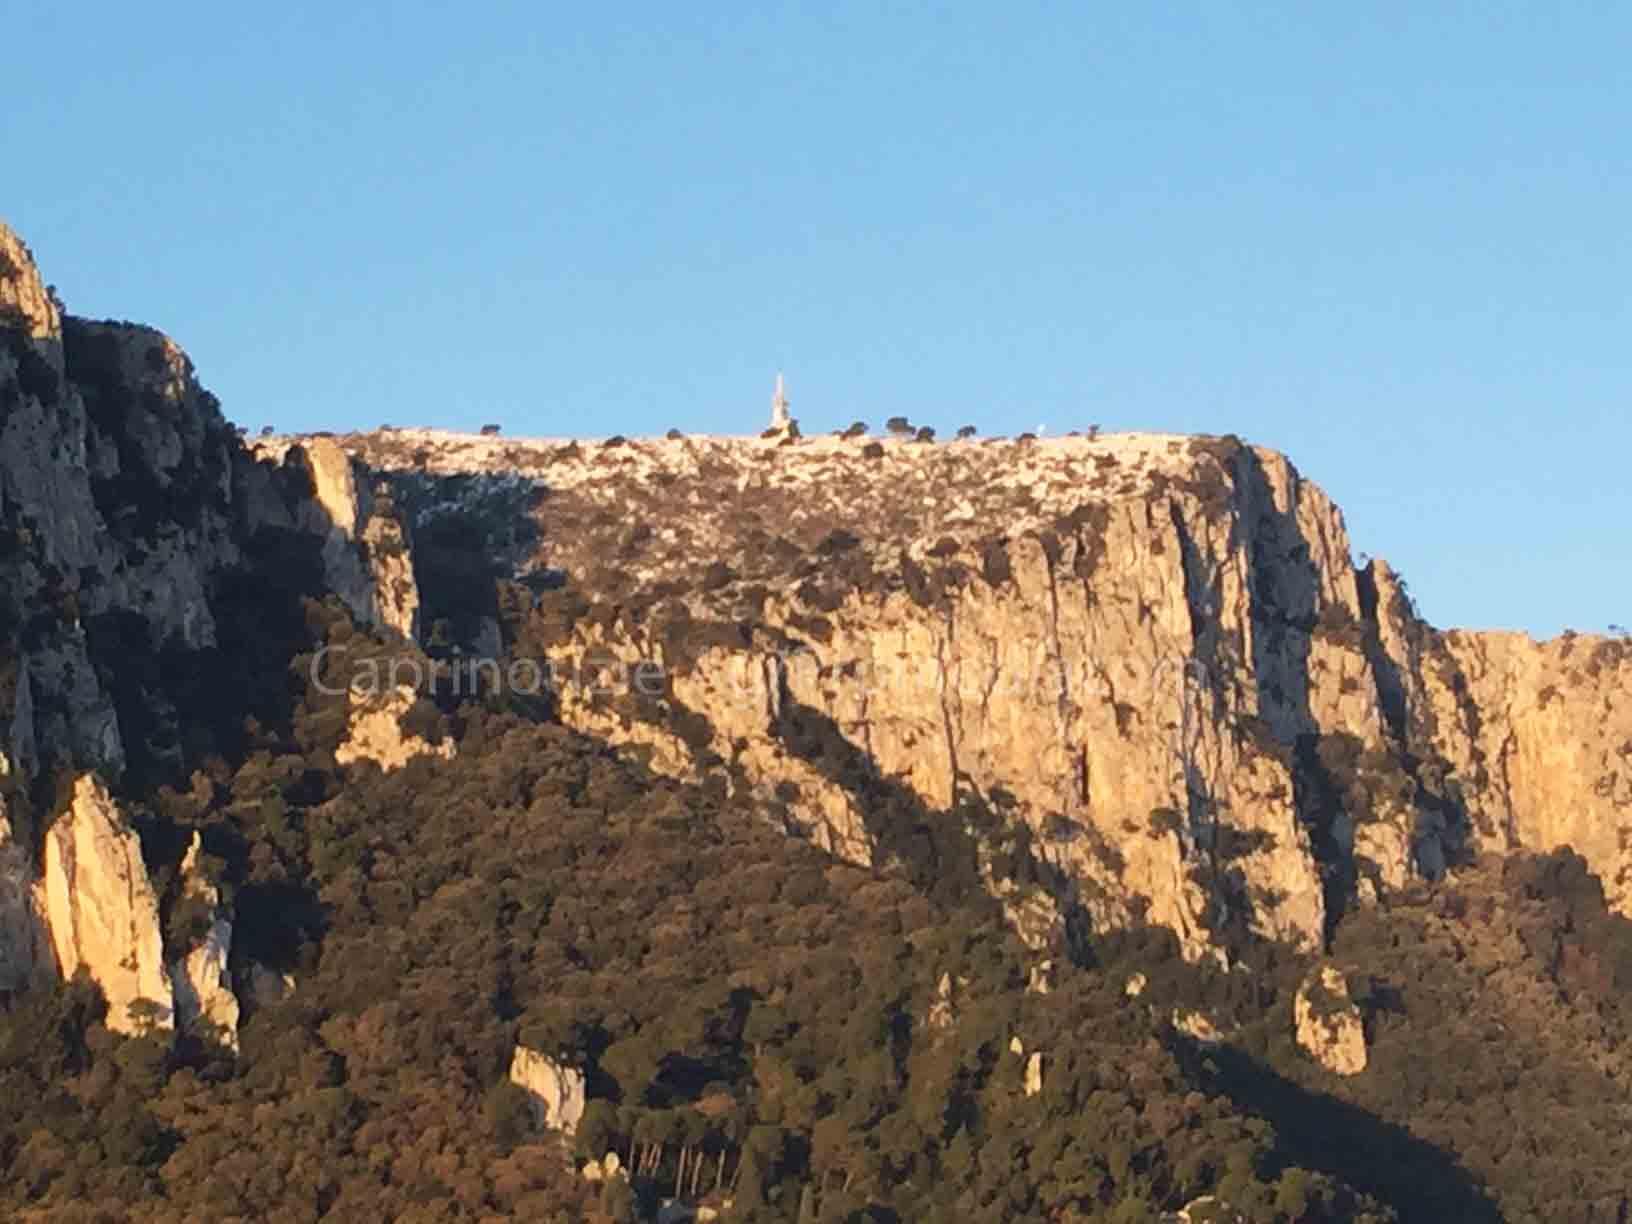 Maltempo: Neve a Capri, ecco come si é svegliata l'isola dei faraglioni